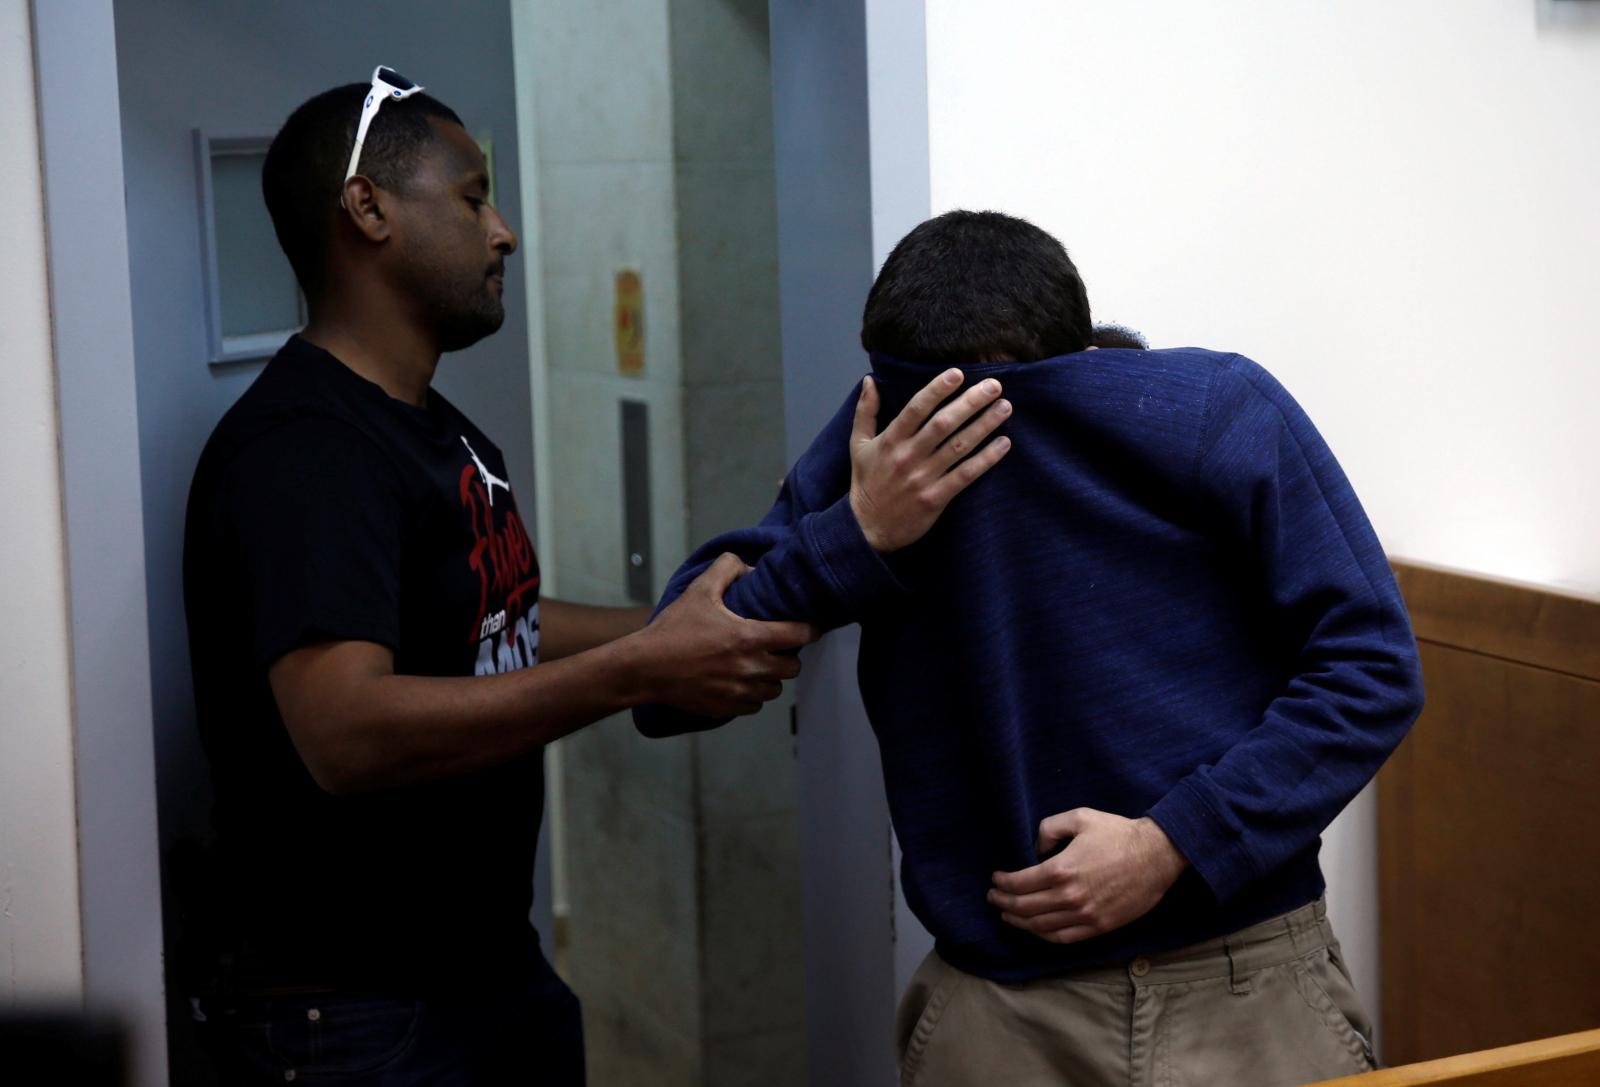 A U.S.-Israeli teen